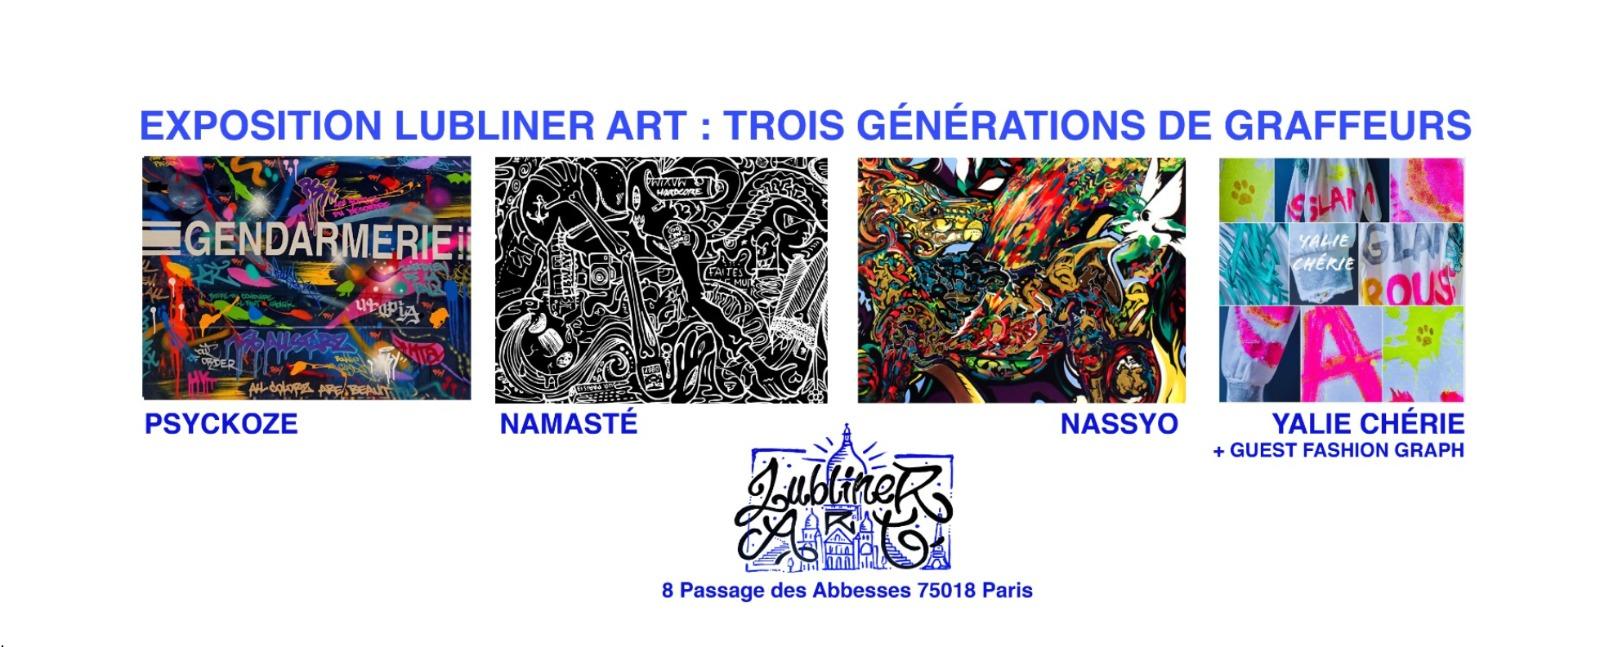 Exposition permanente à la galerie Lubliner ART : Trois générations de graffeurs 1